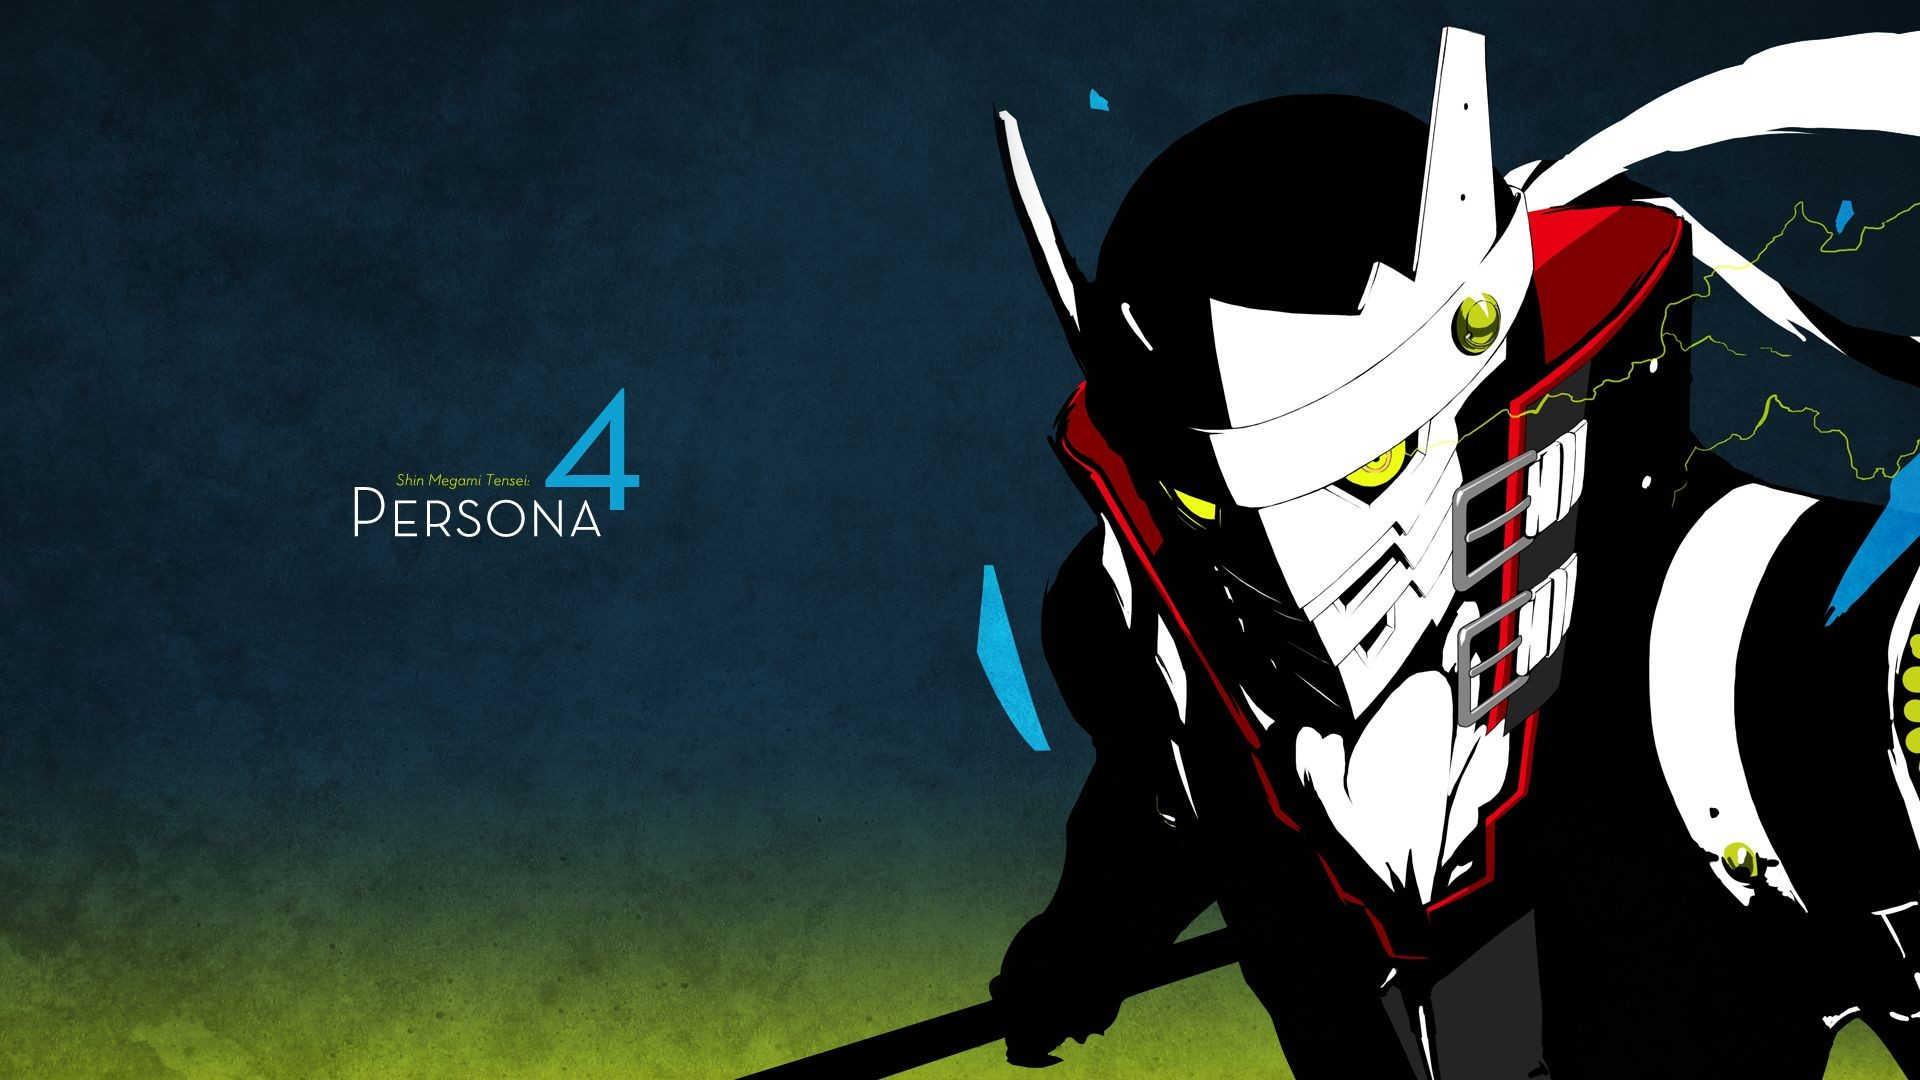 Persona 4 Computer Wallpapers, Desktop Backgrounds